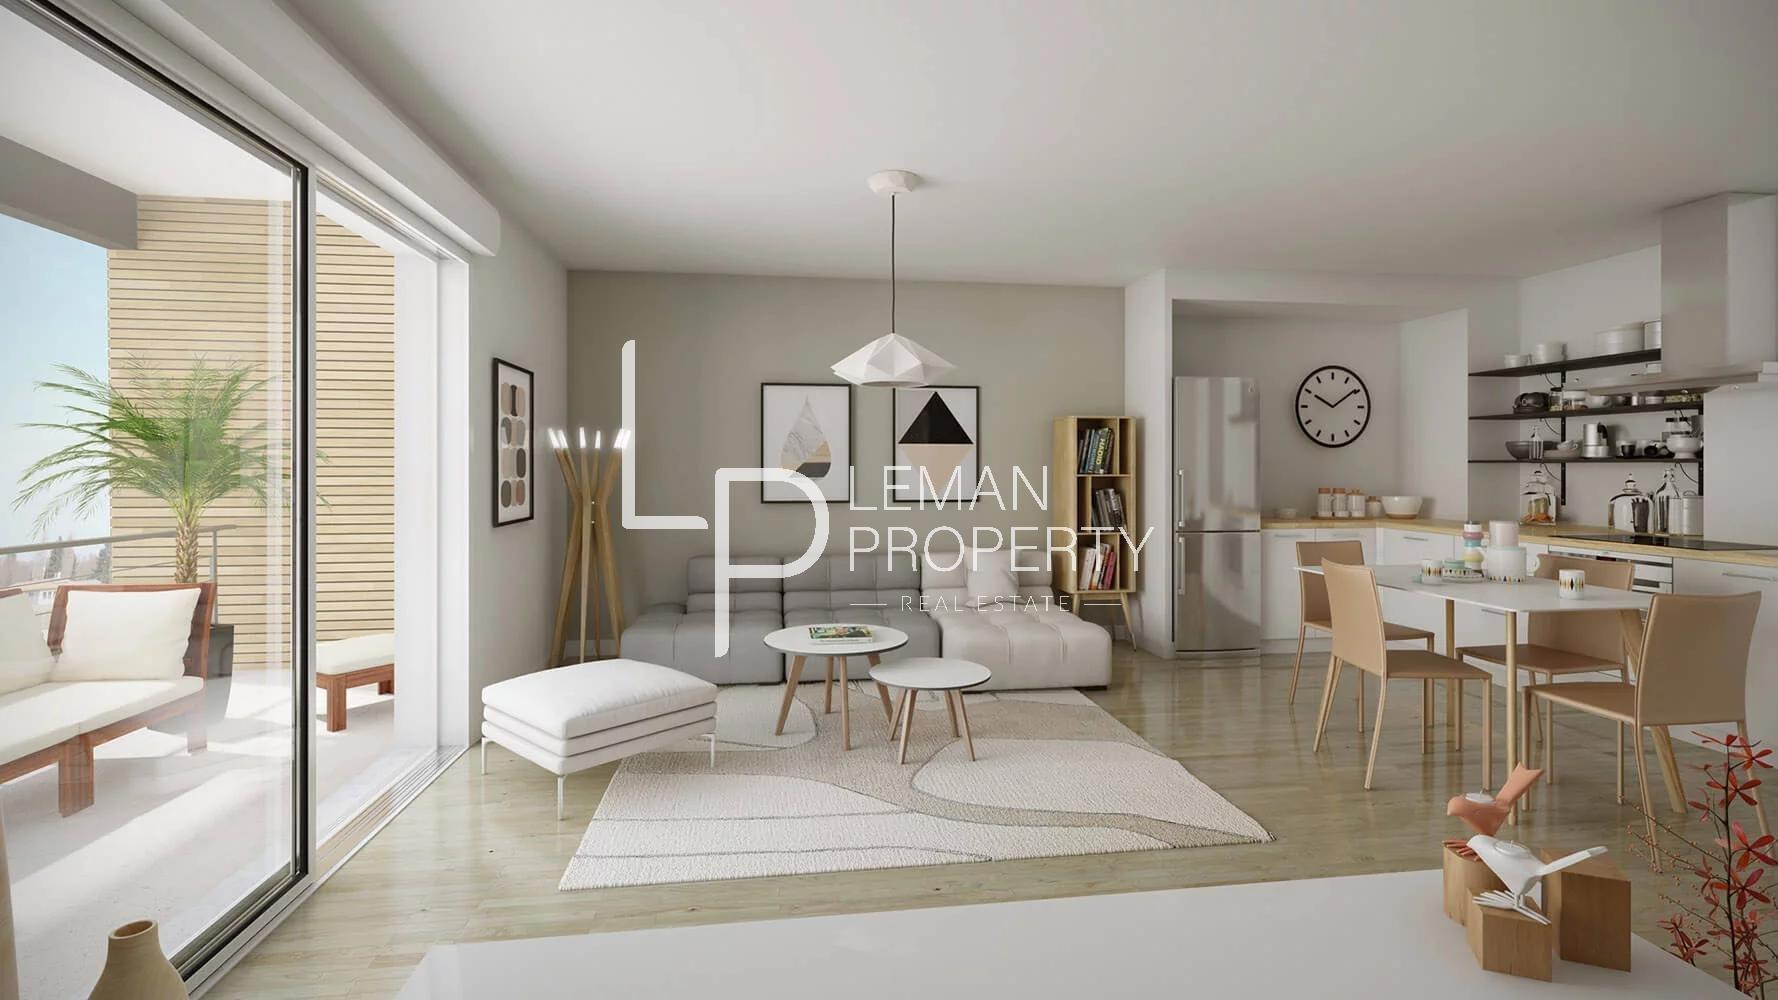 Vente de appartement à Aix-les-Bains au prix de 272000€